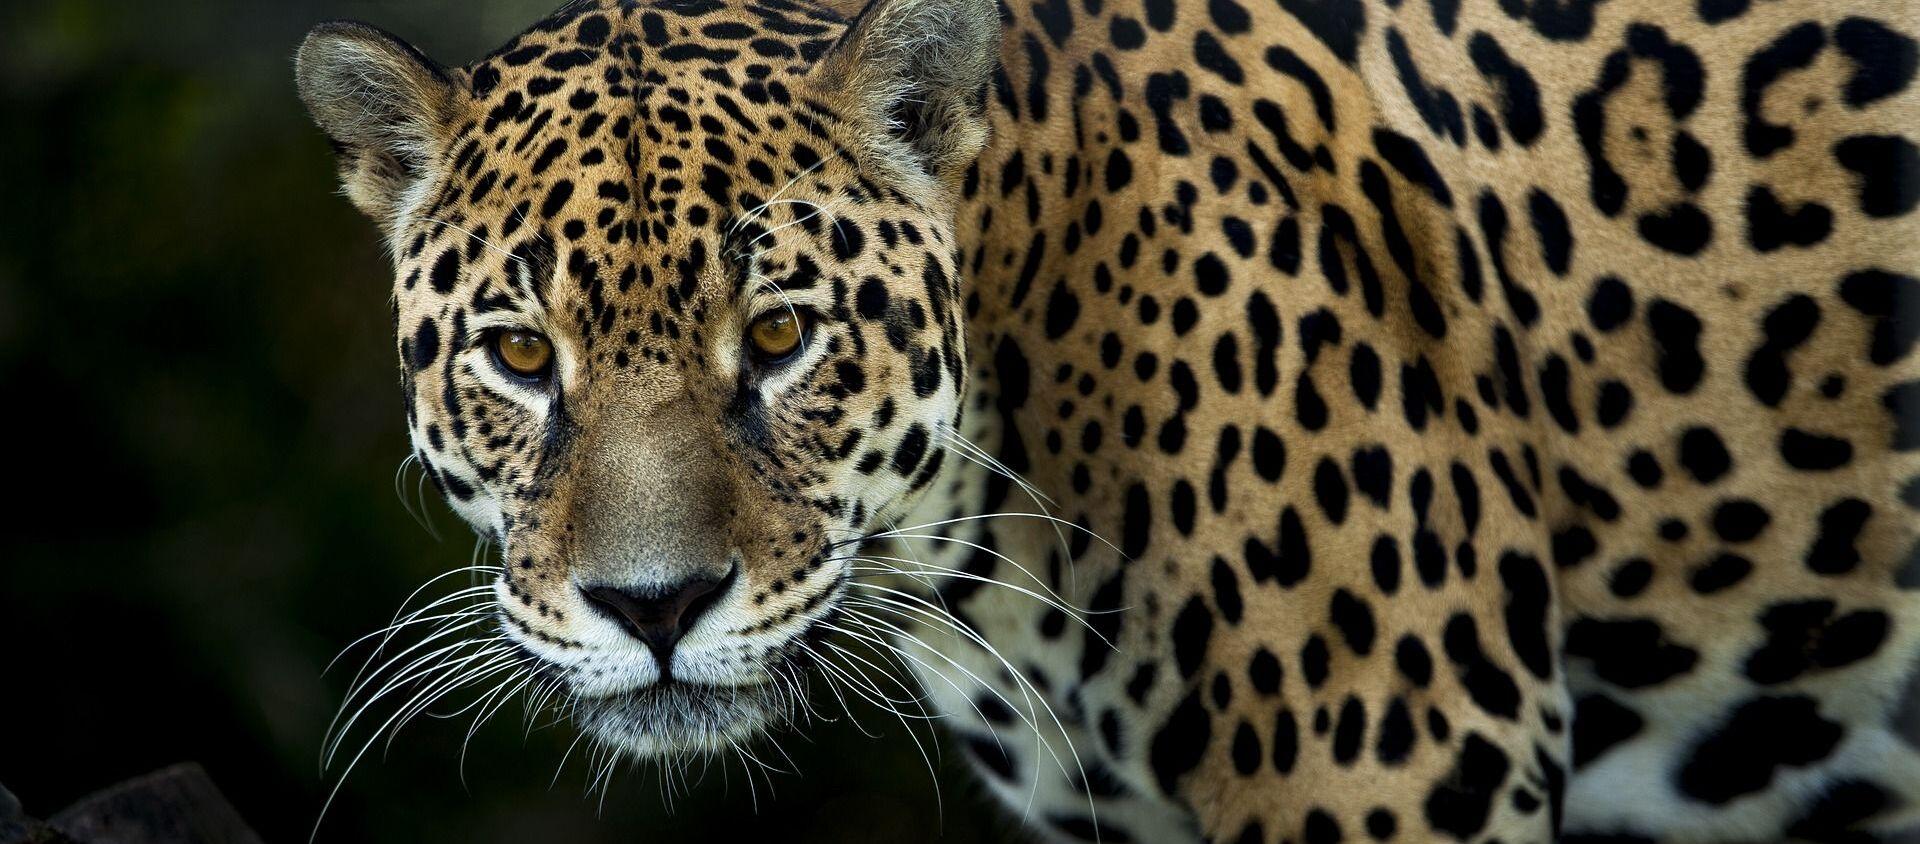 Un jaguar (imagen referencial) - Sputnik Mundo, 1920, 06.01.2021